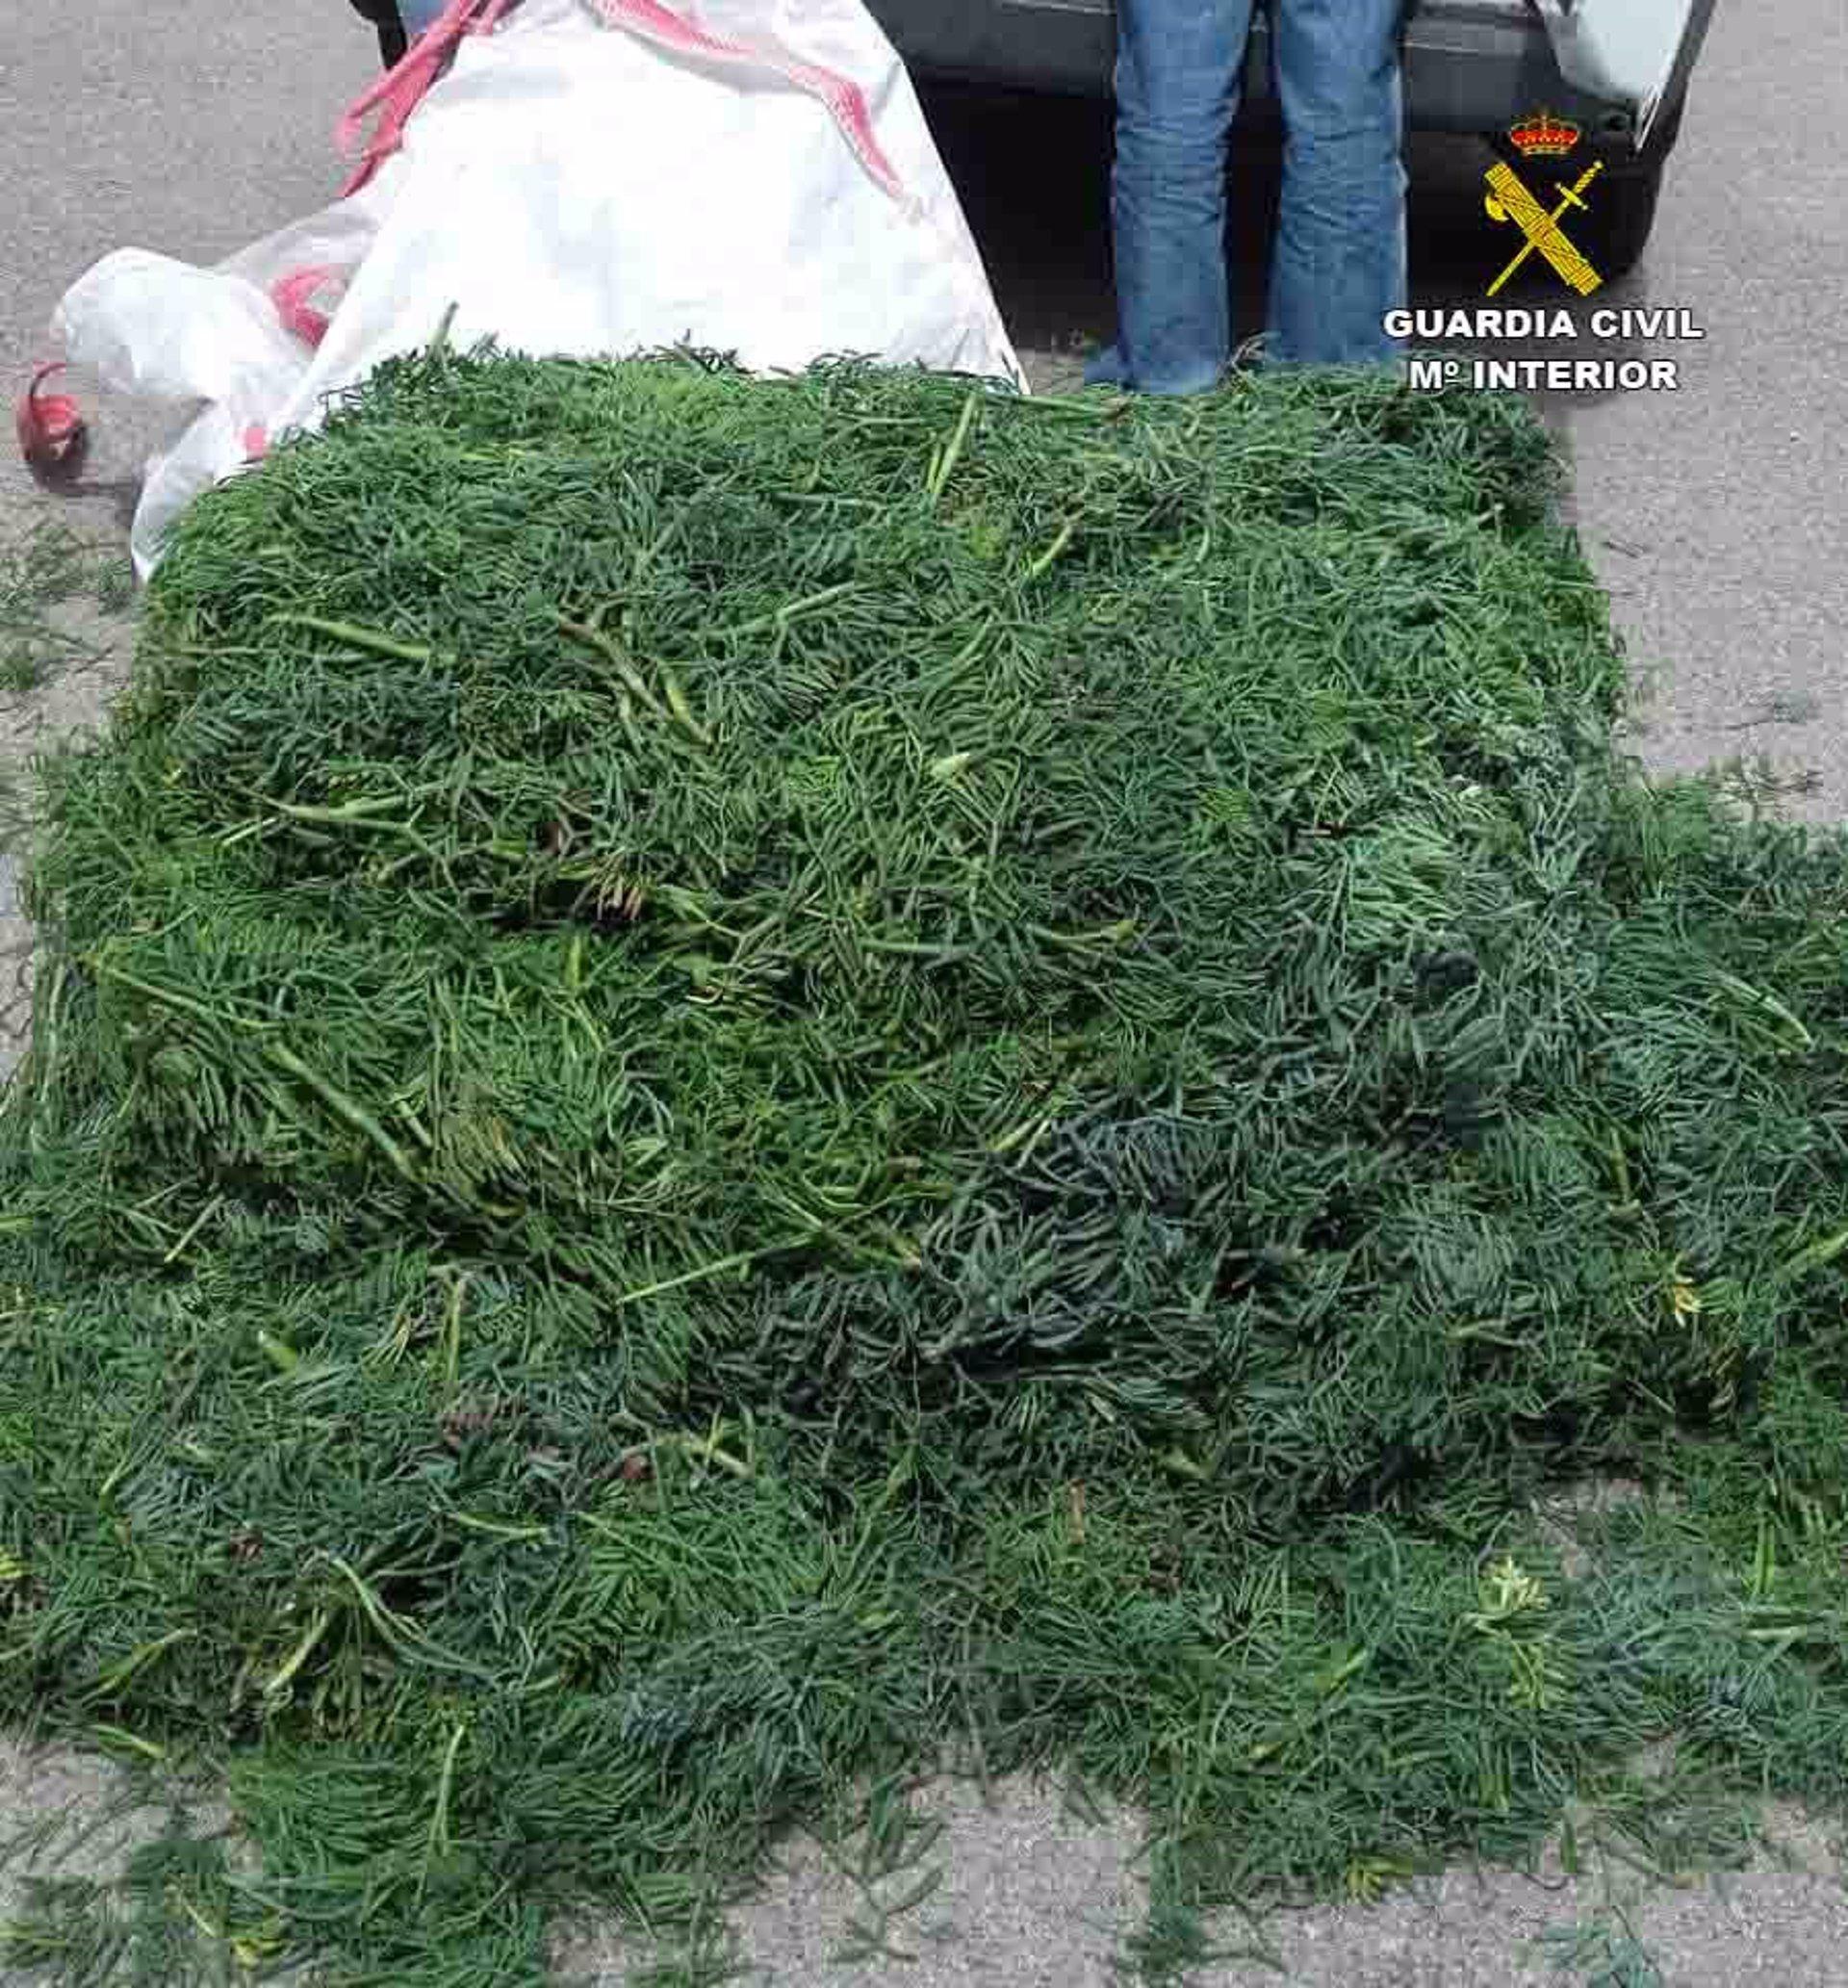 La Guardia Civil sorprende a tres personas con 200 kilos de 'fonoll marí' en Capdepera